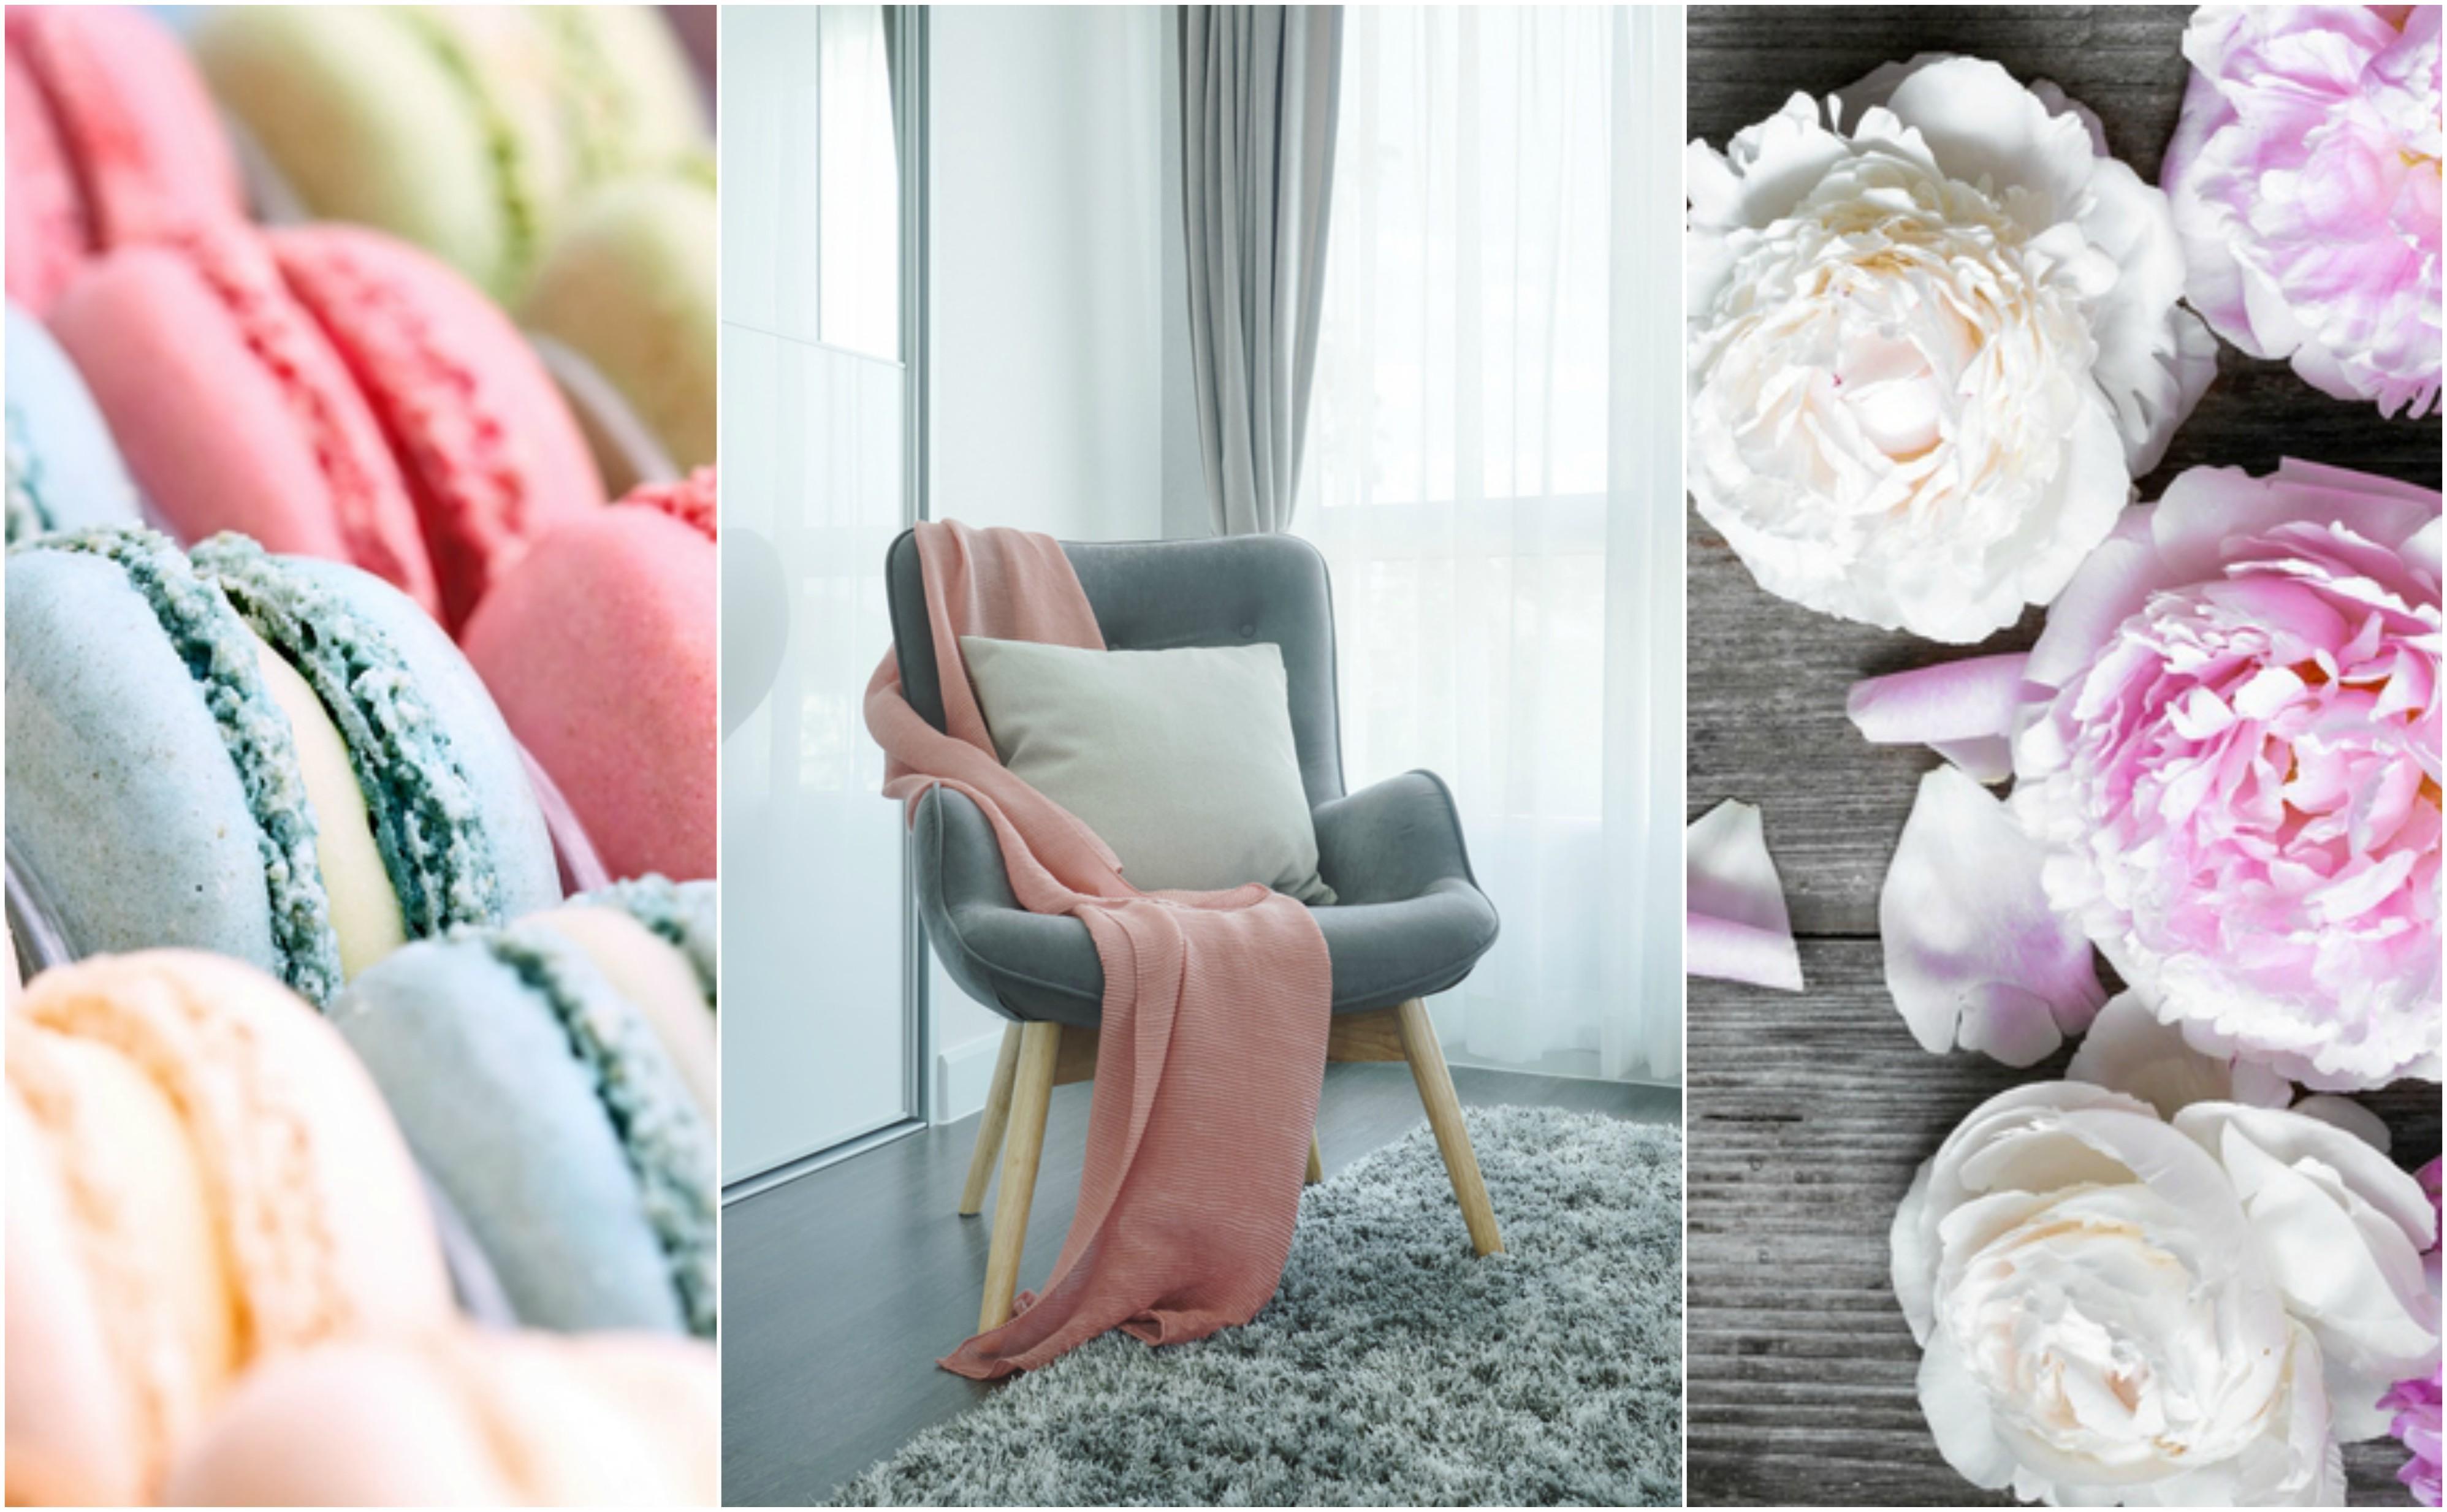 Colori pastello per la camera da letto romantica e moderna